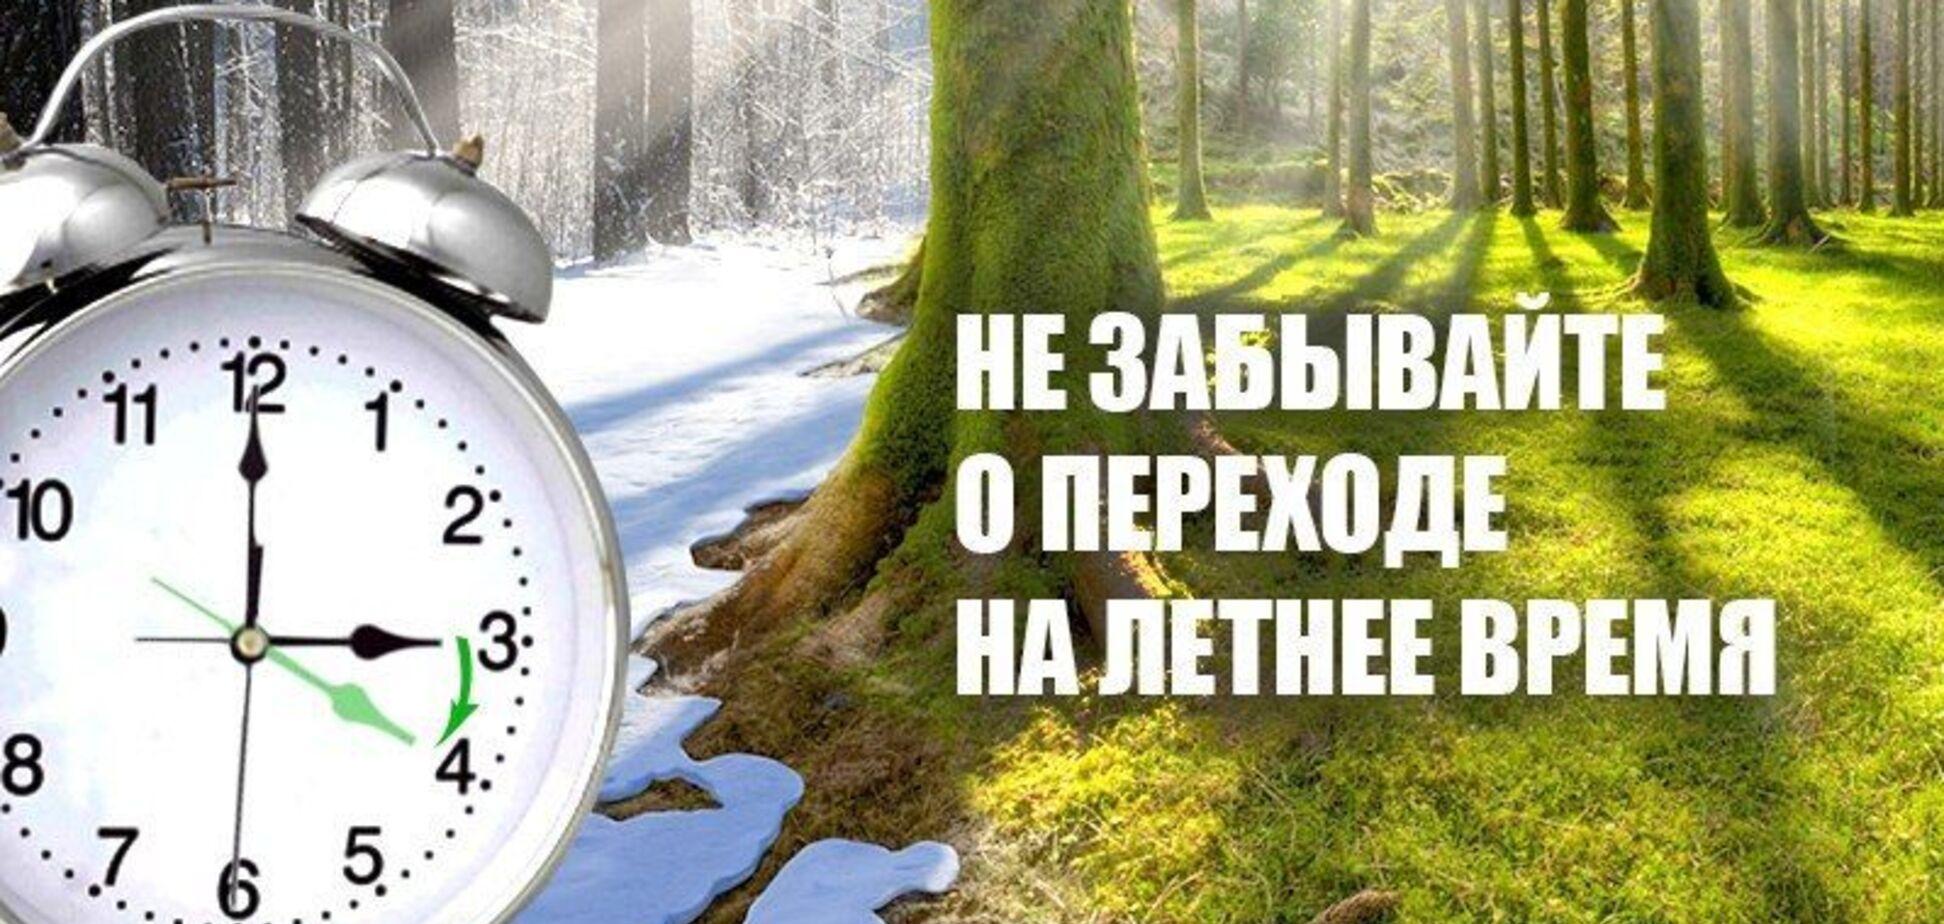 Летнее время: украинцам напомнили, когда переводить стрелки часов